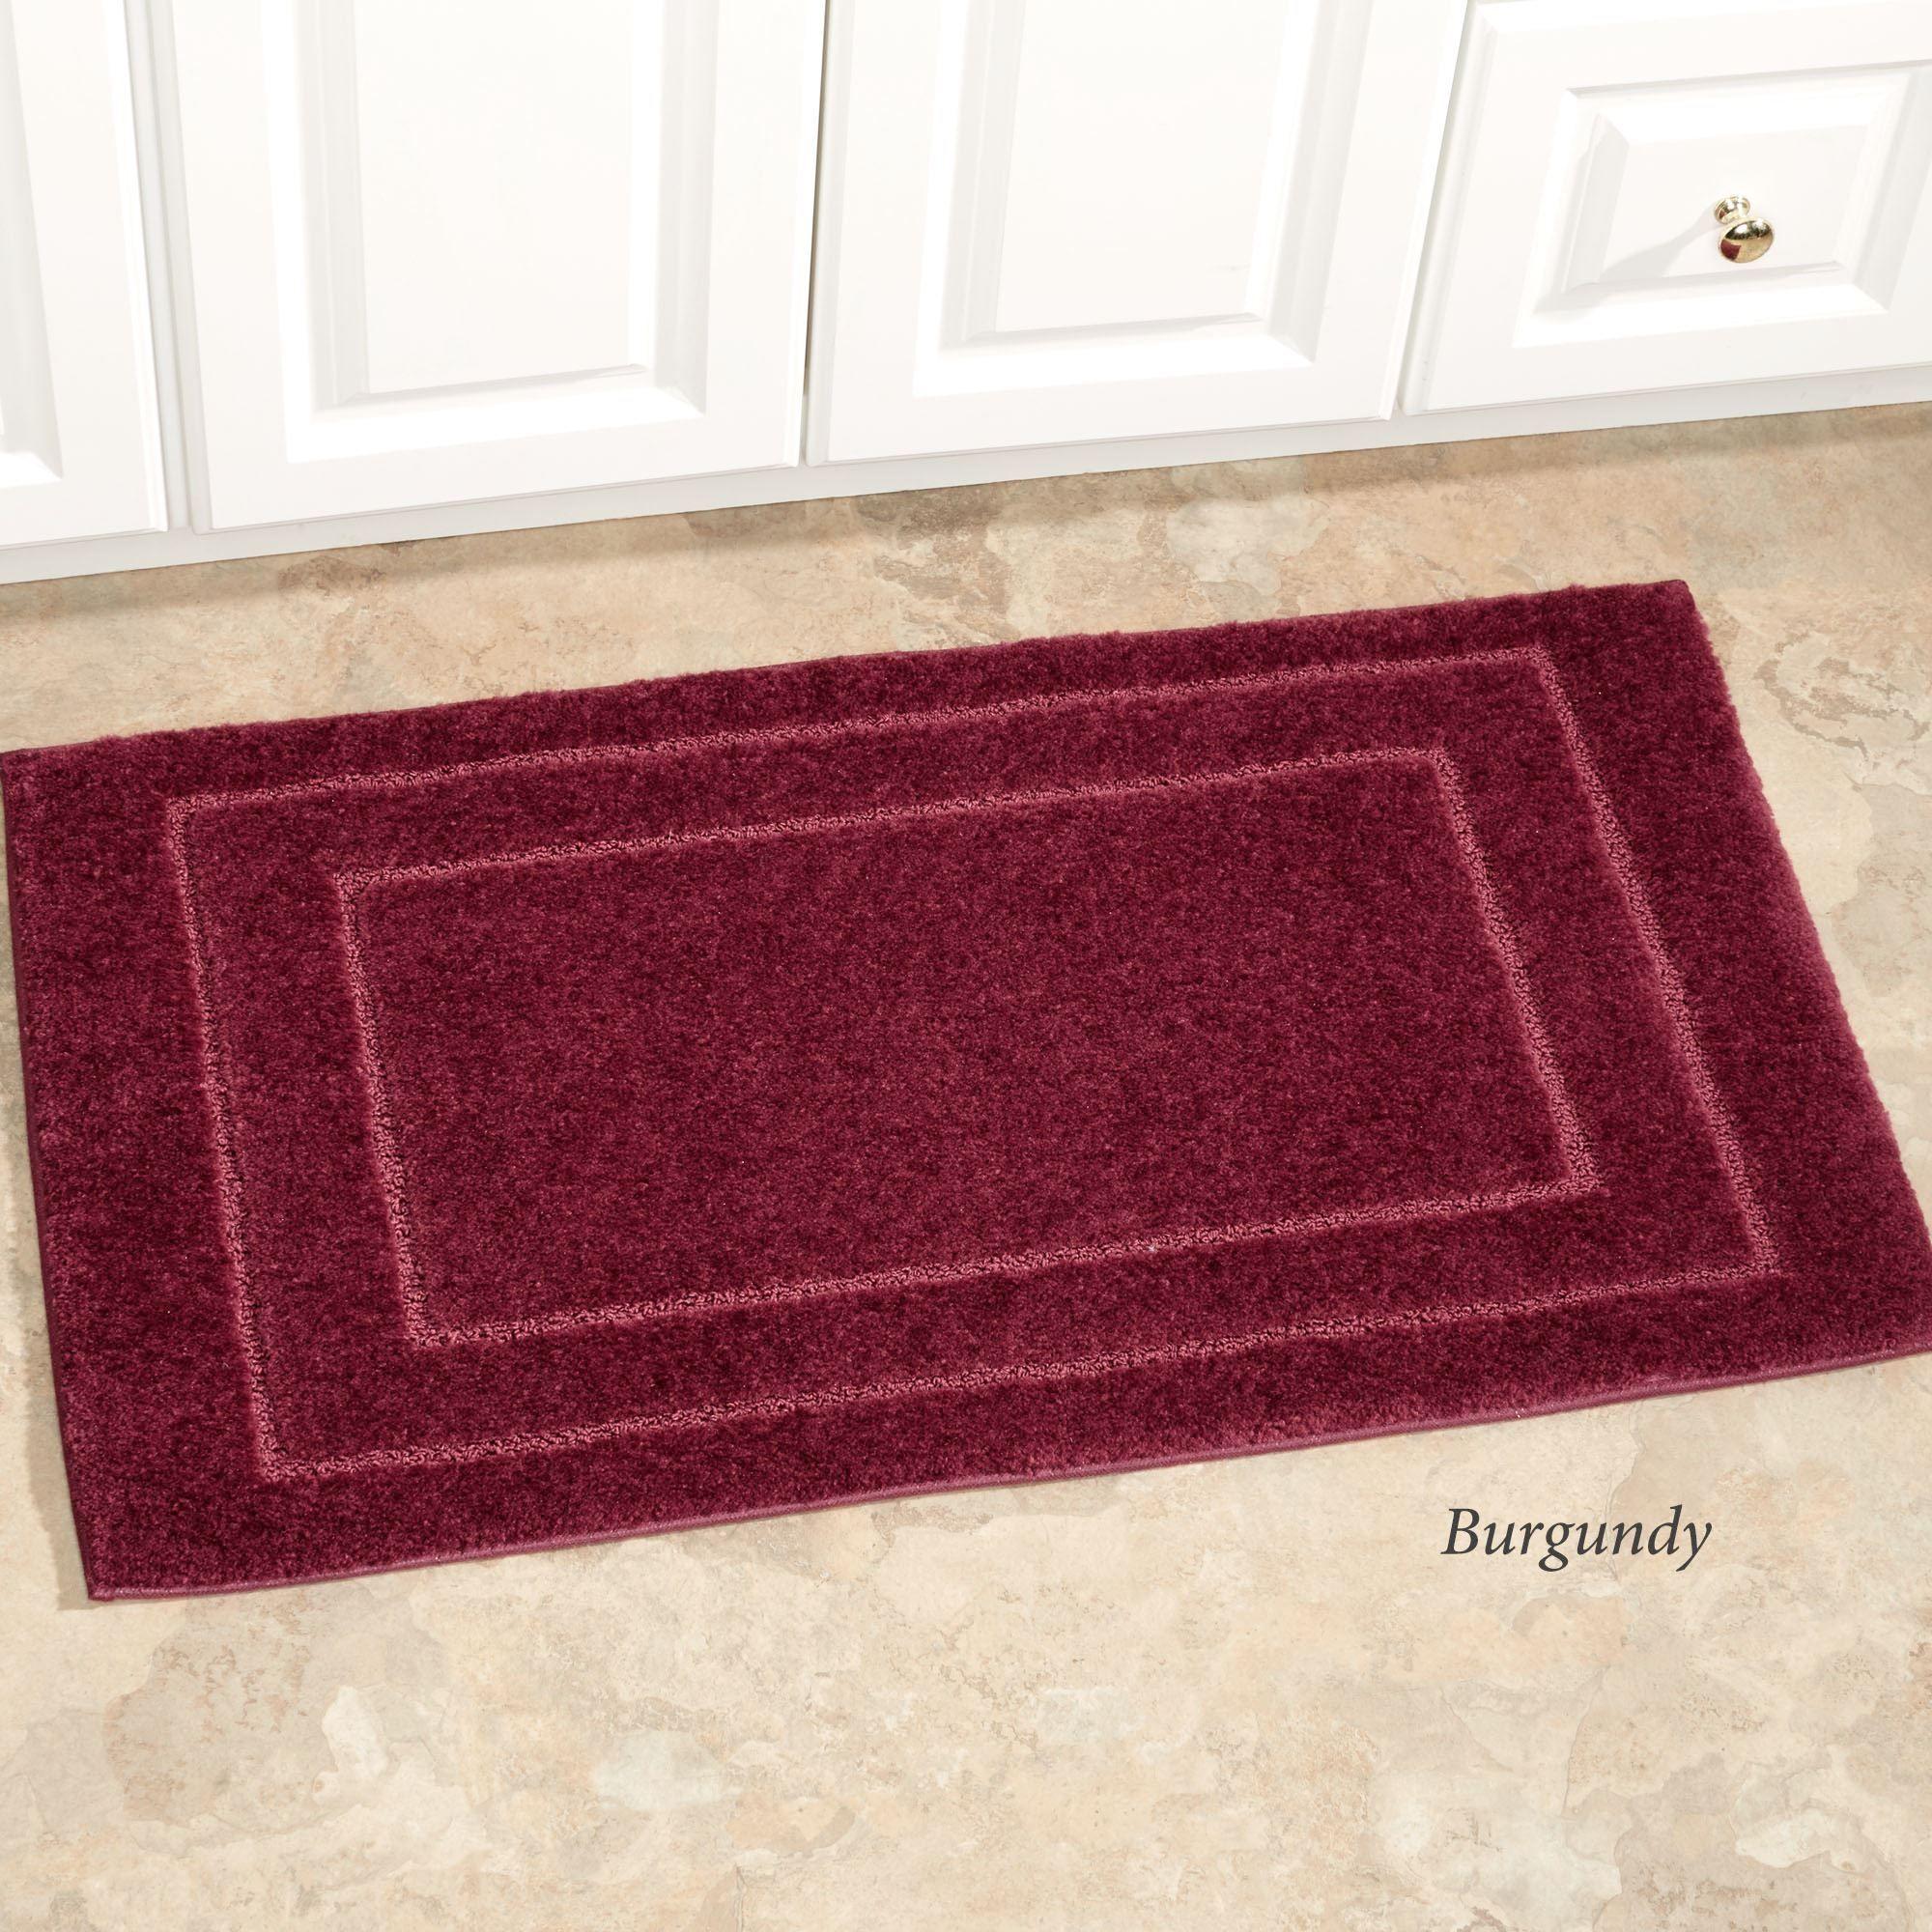 Bath Mat Sets Home Bargains Bathroom Decor Pinterest Bath - Burgundy bath mat for bathroom decorating ideas